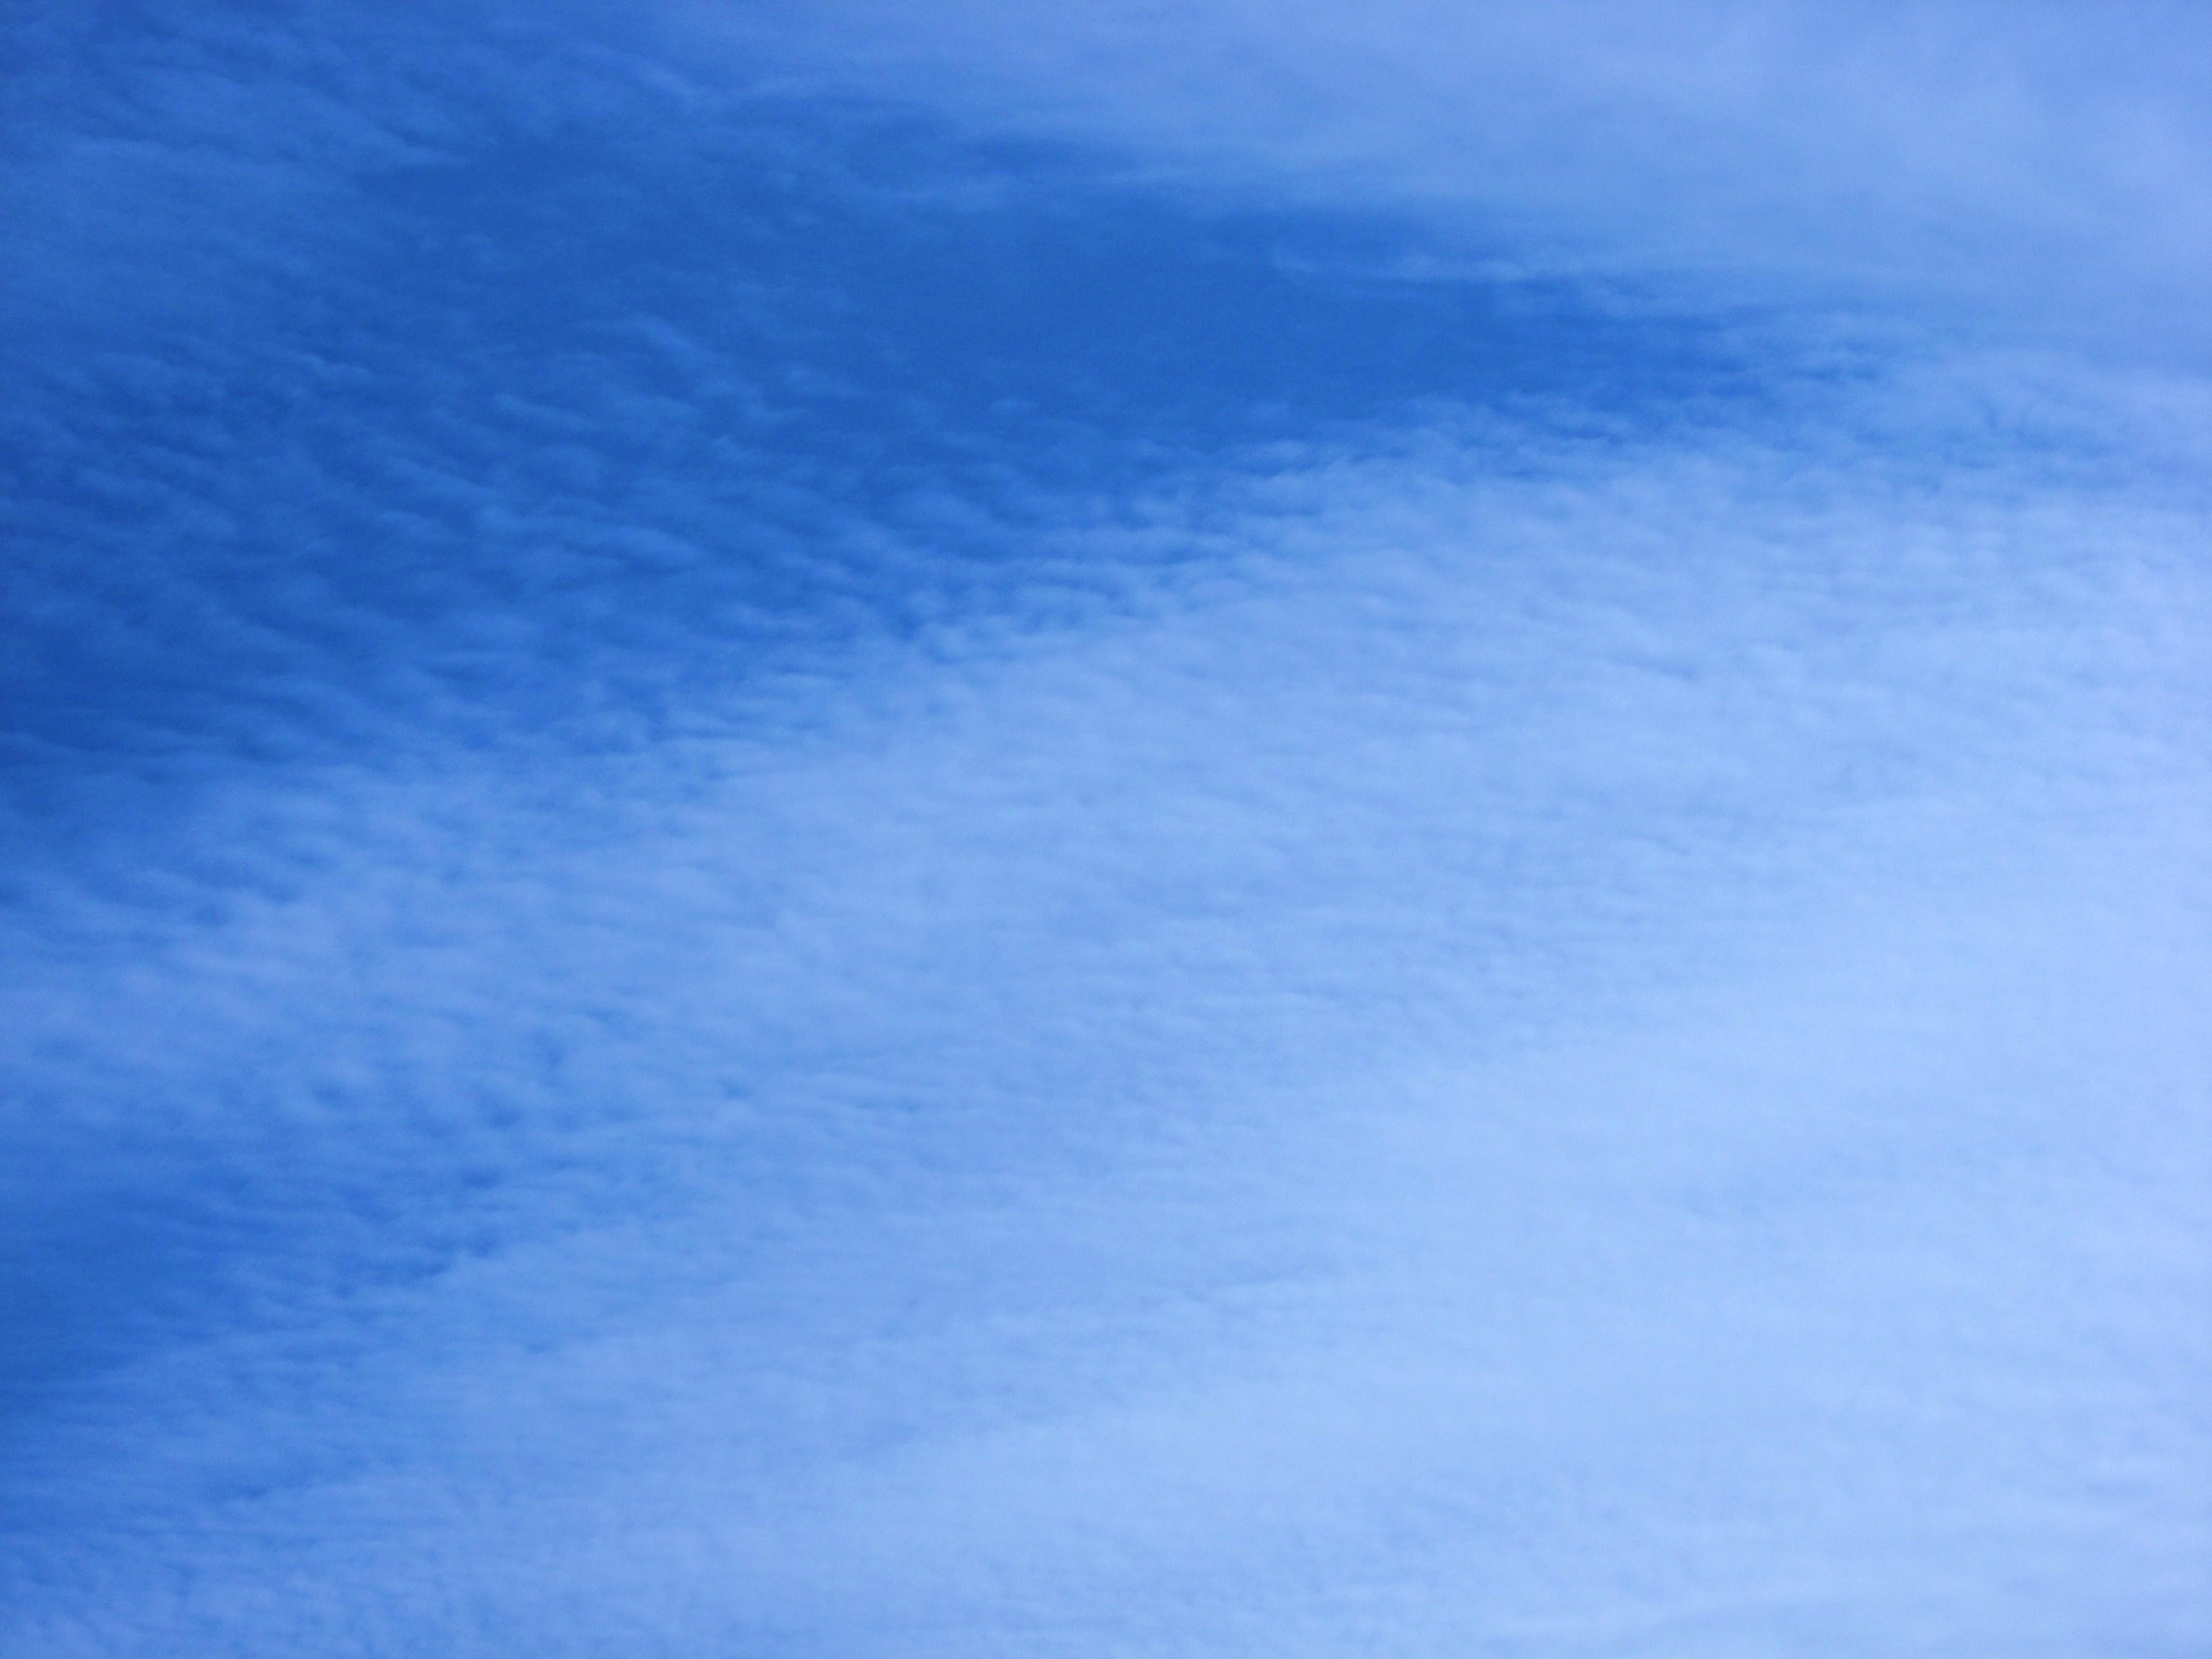 Sky? by melihsaricam